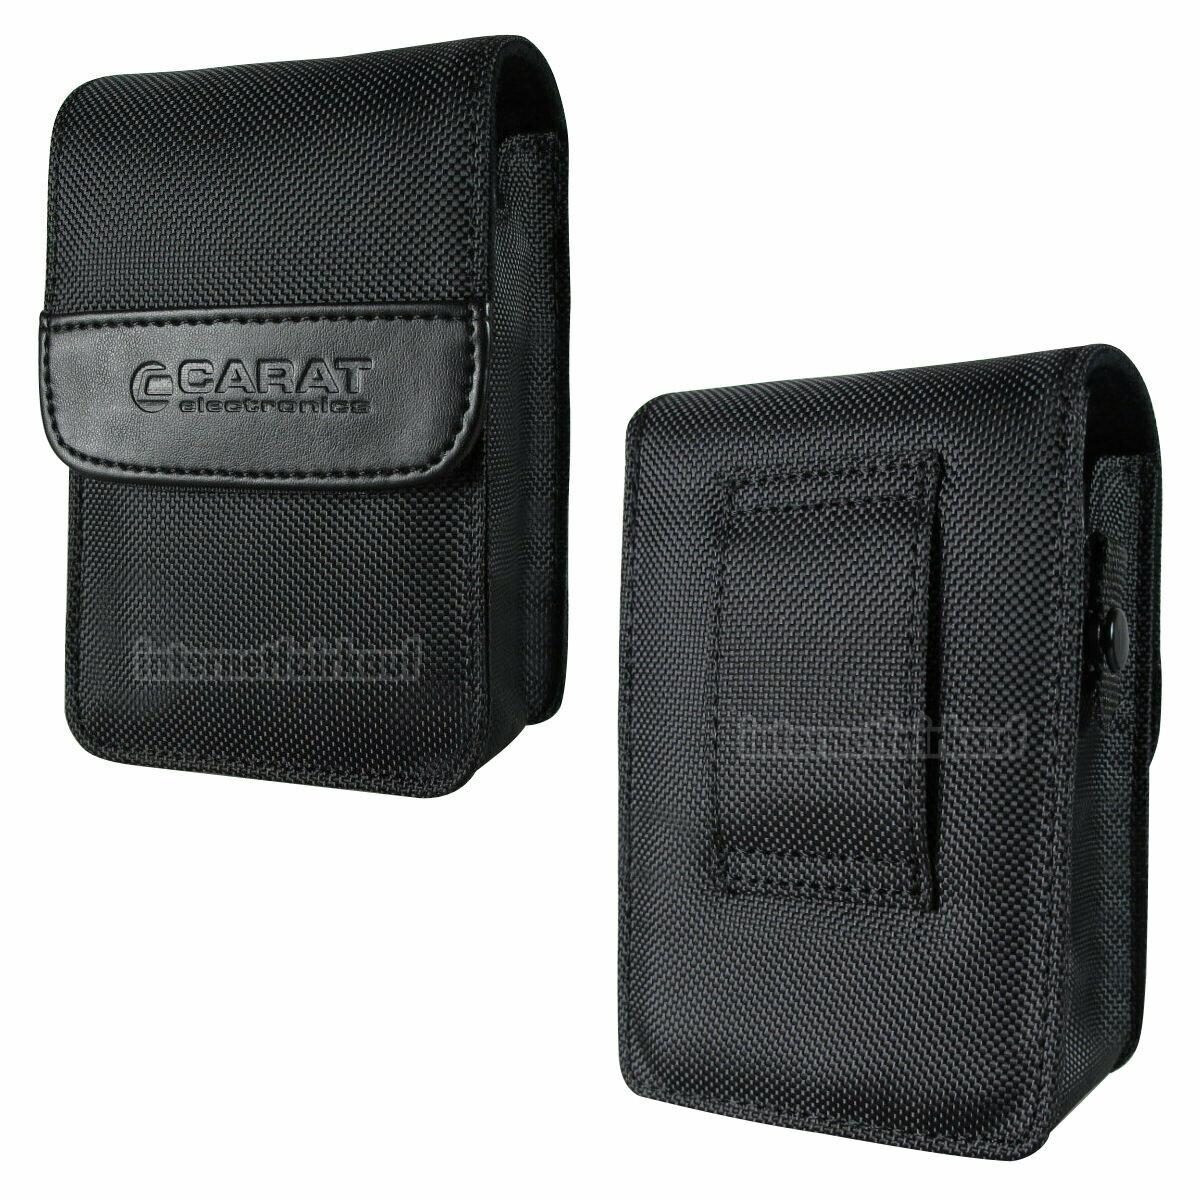 Gürteltasche passend für Sony DSC-RX100 III IV V VI VII - Etui